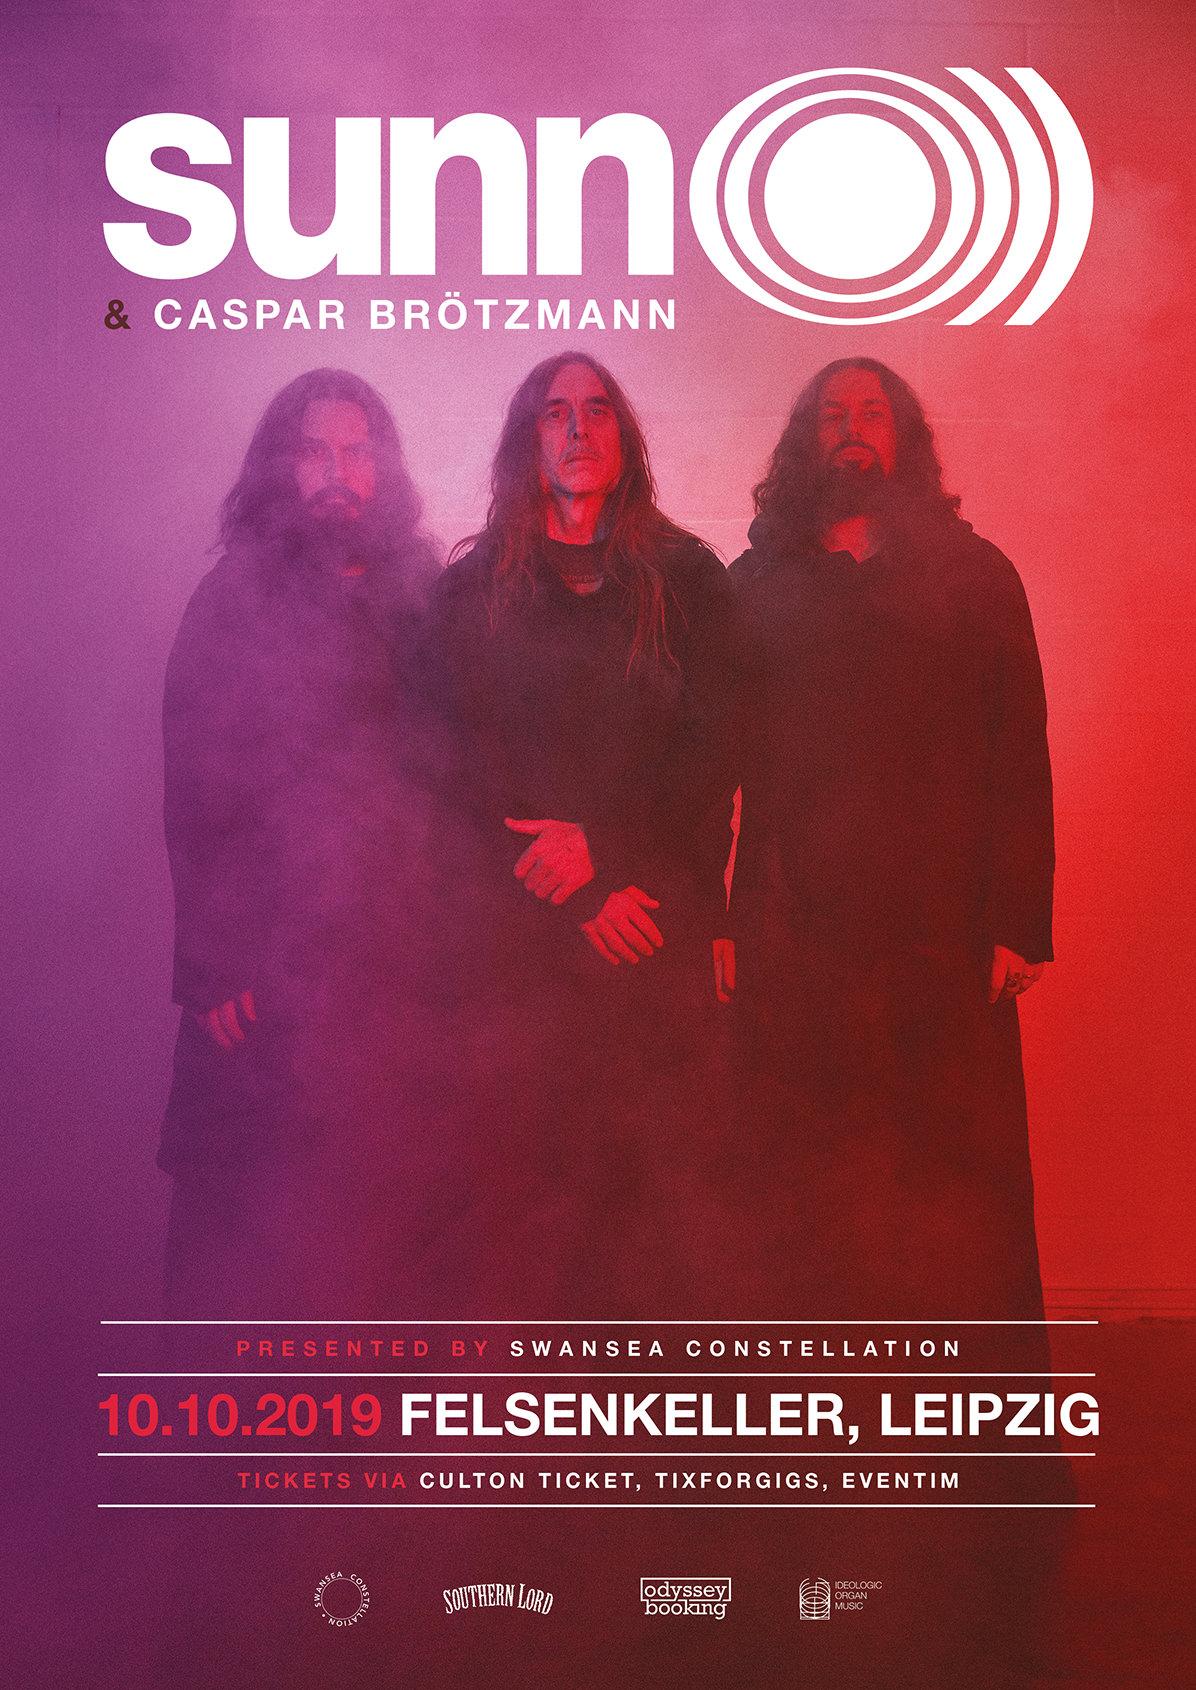 Sunn O + Caspar Brötzmann | 10-10-2019